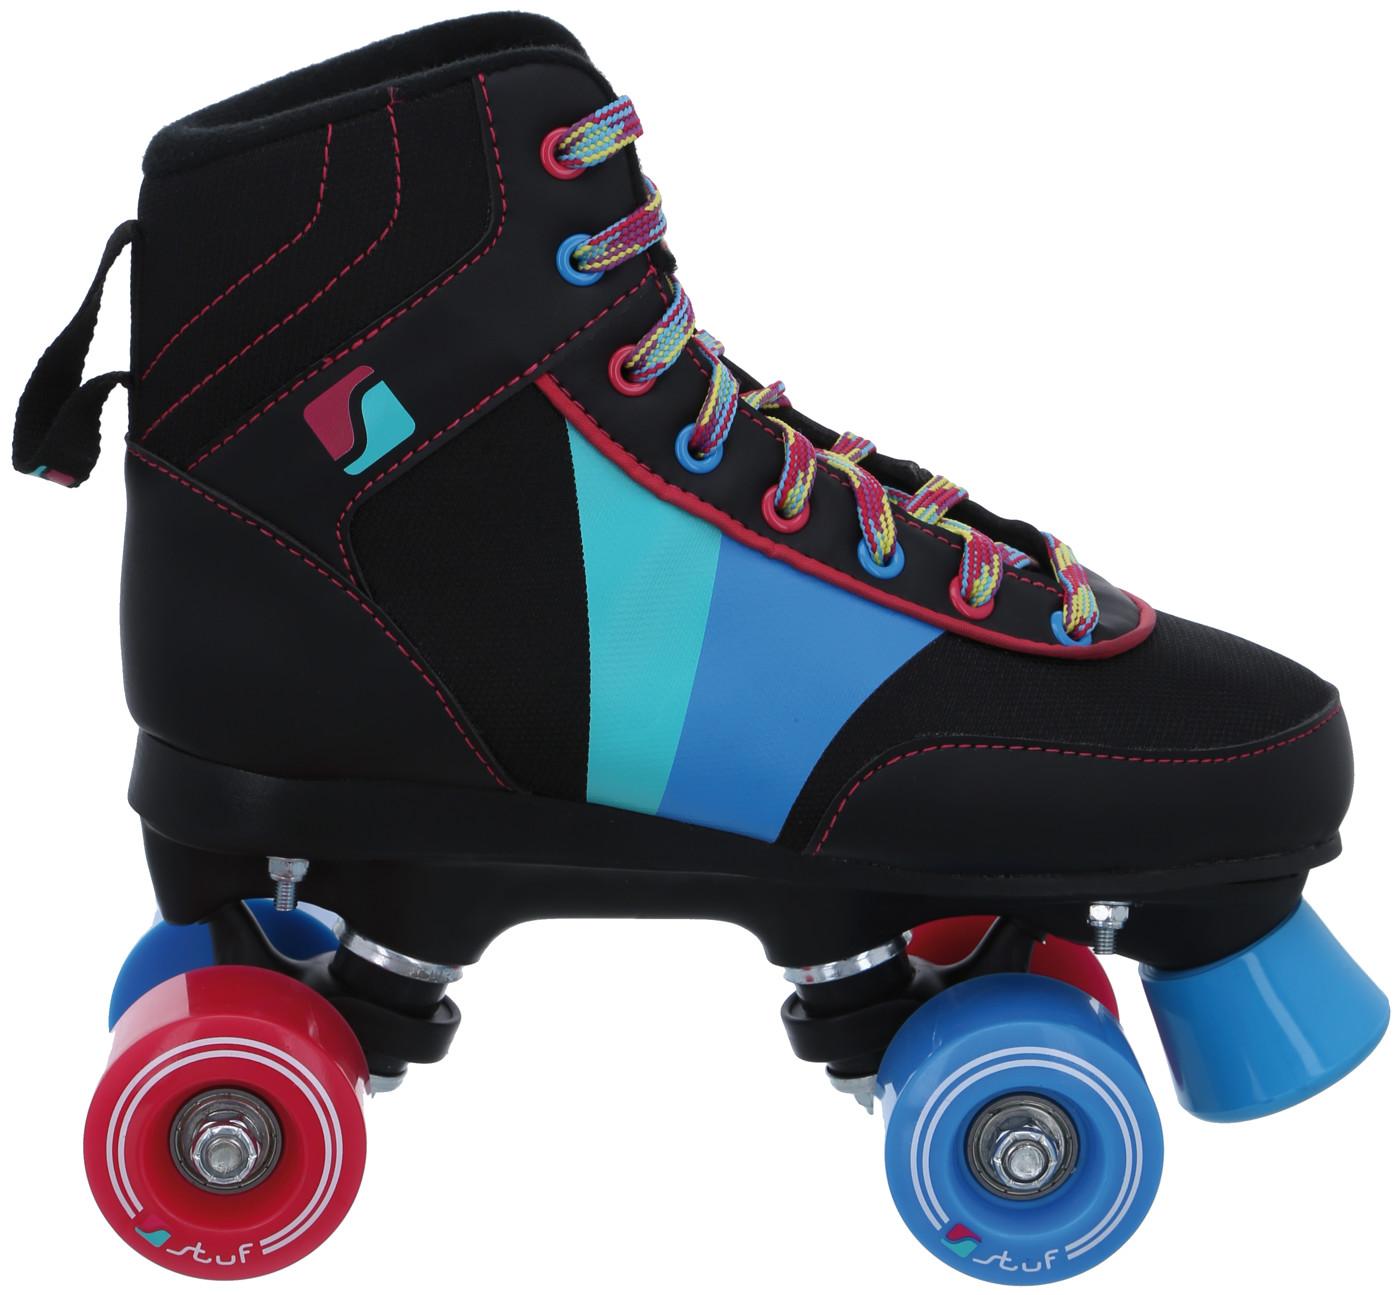 STUF Roller Skate ROSE - Damen